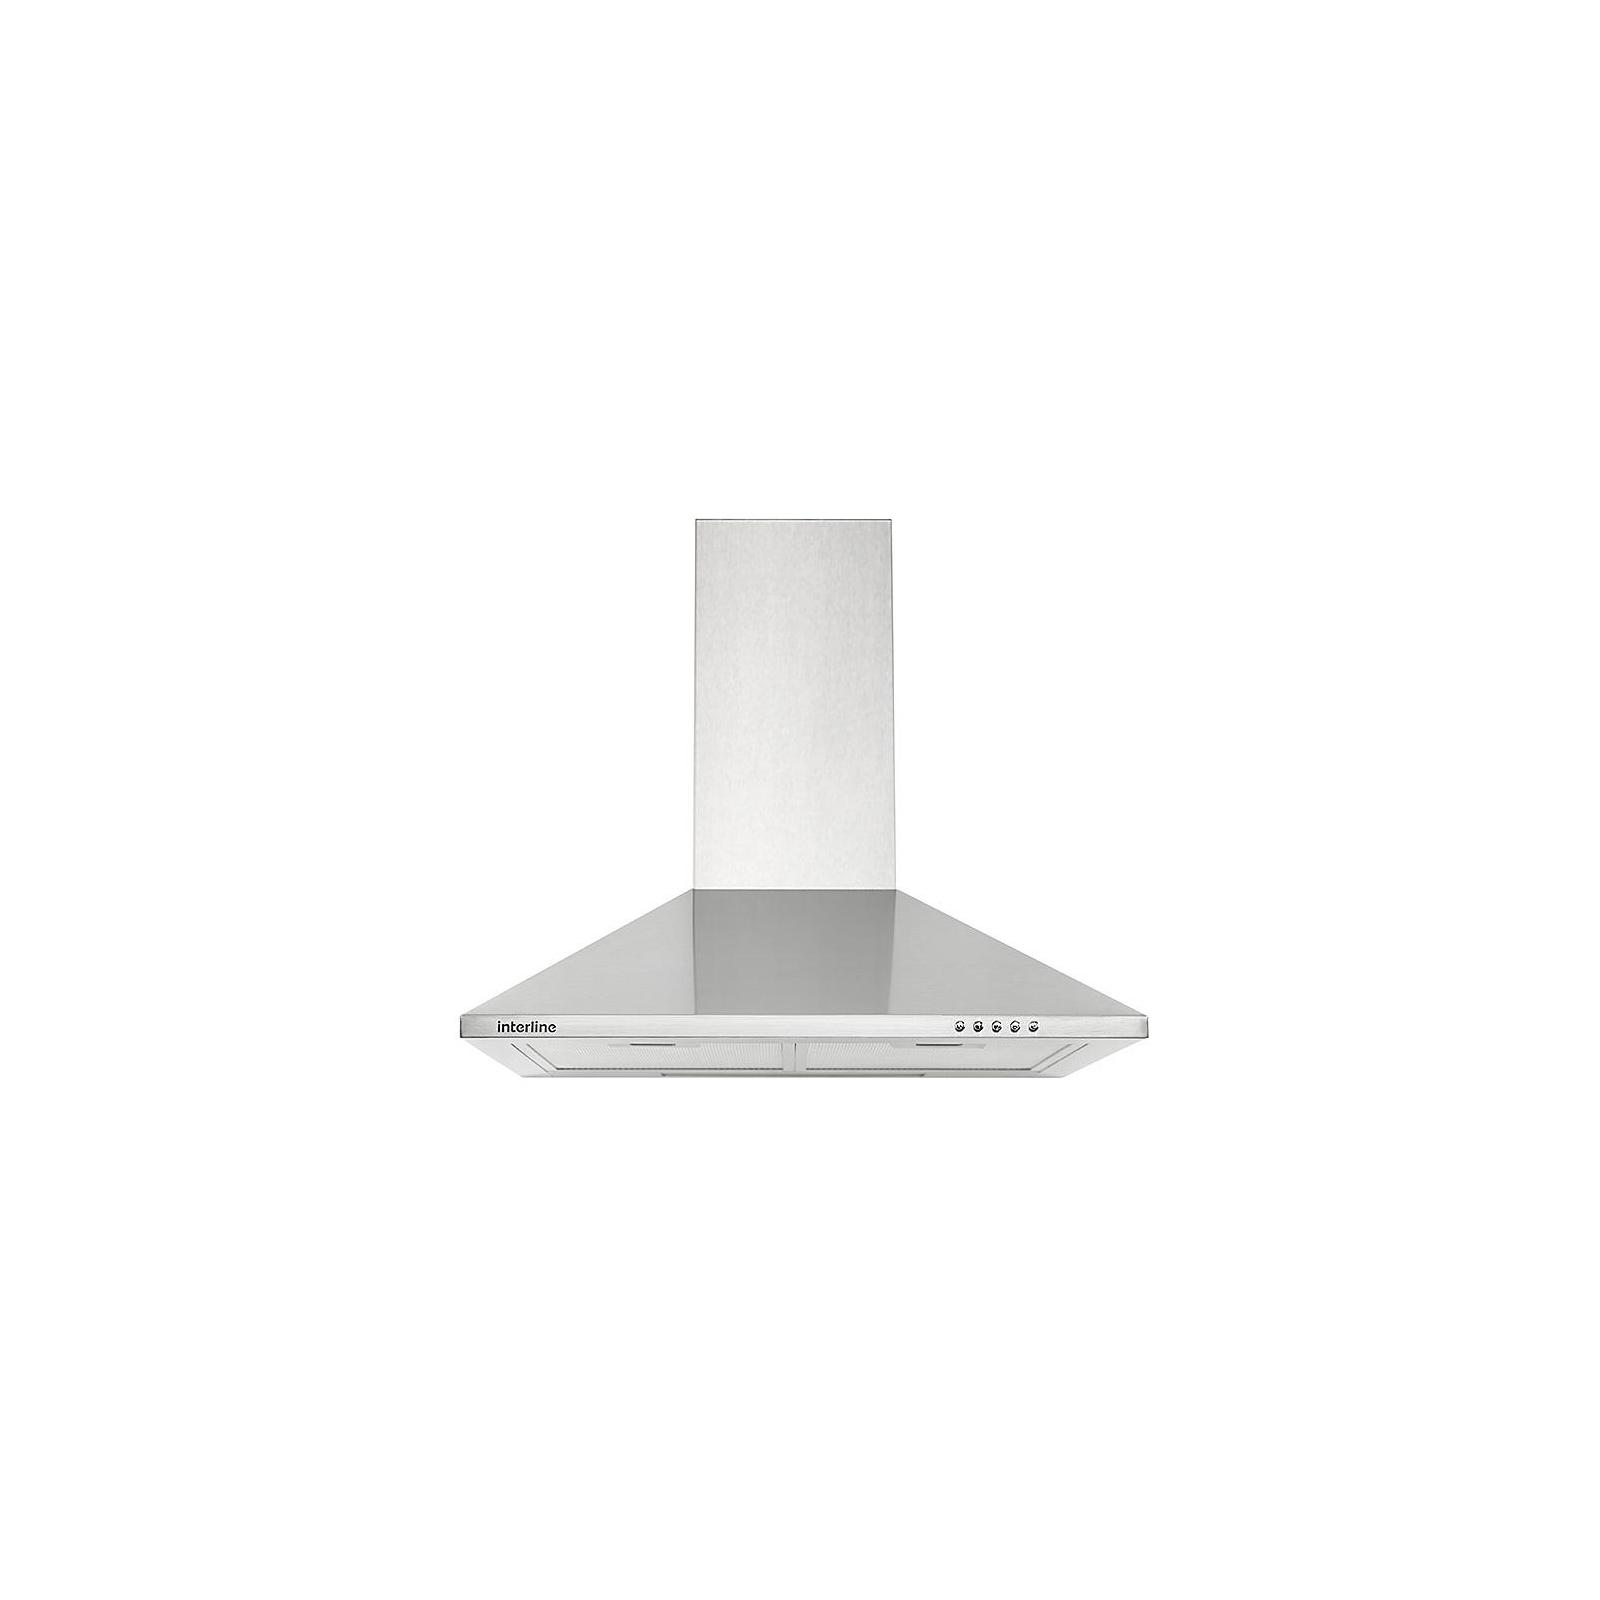 Вытяжка кухонная INTERLINE UNNA X A/60 PB/2/T